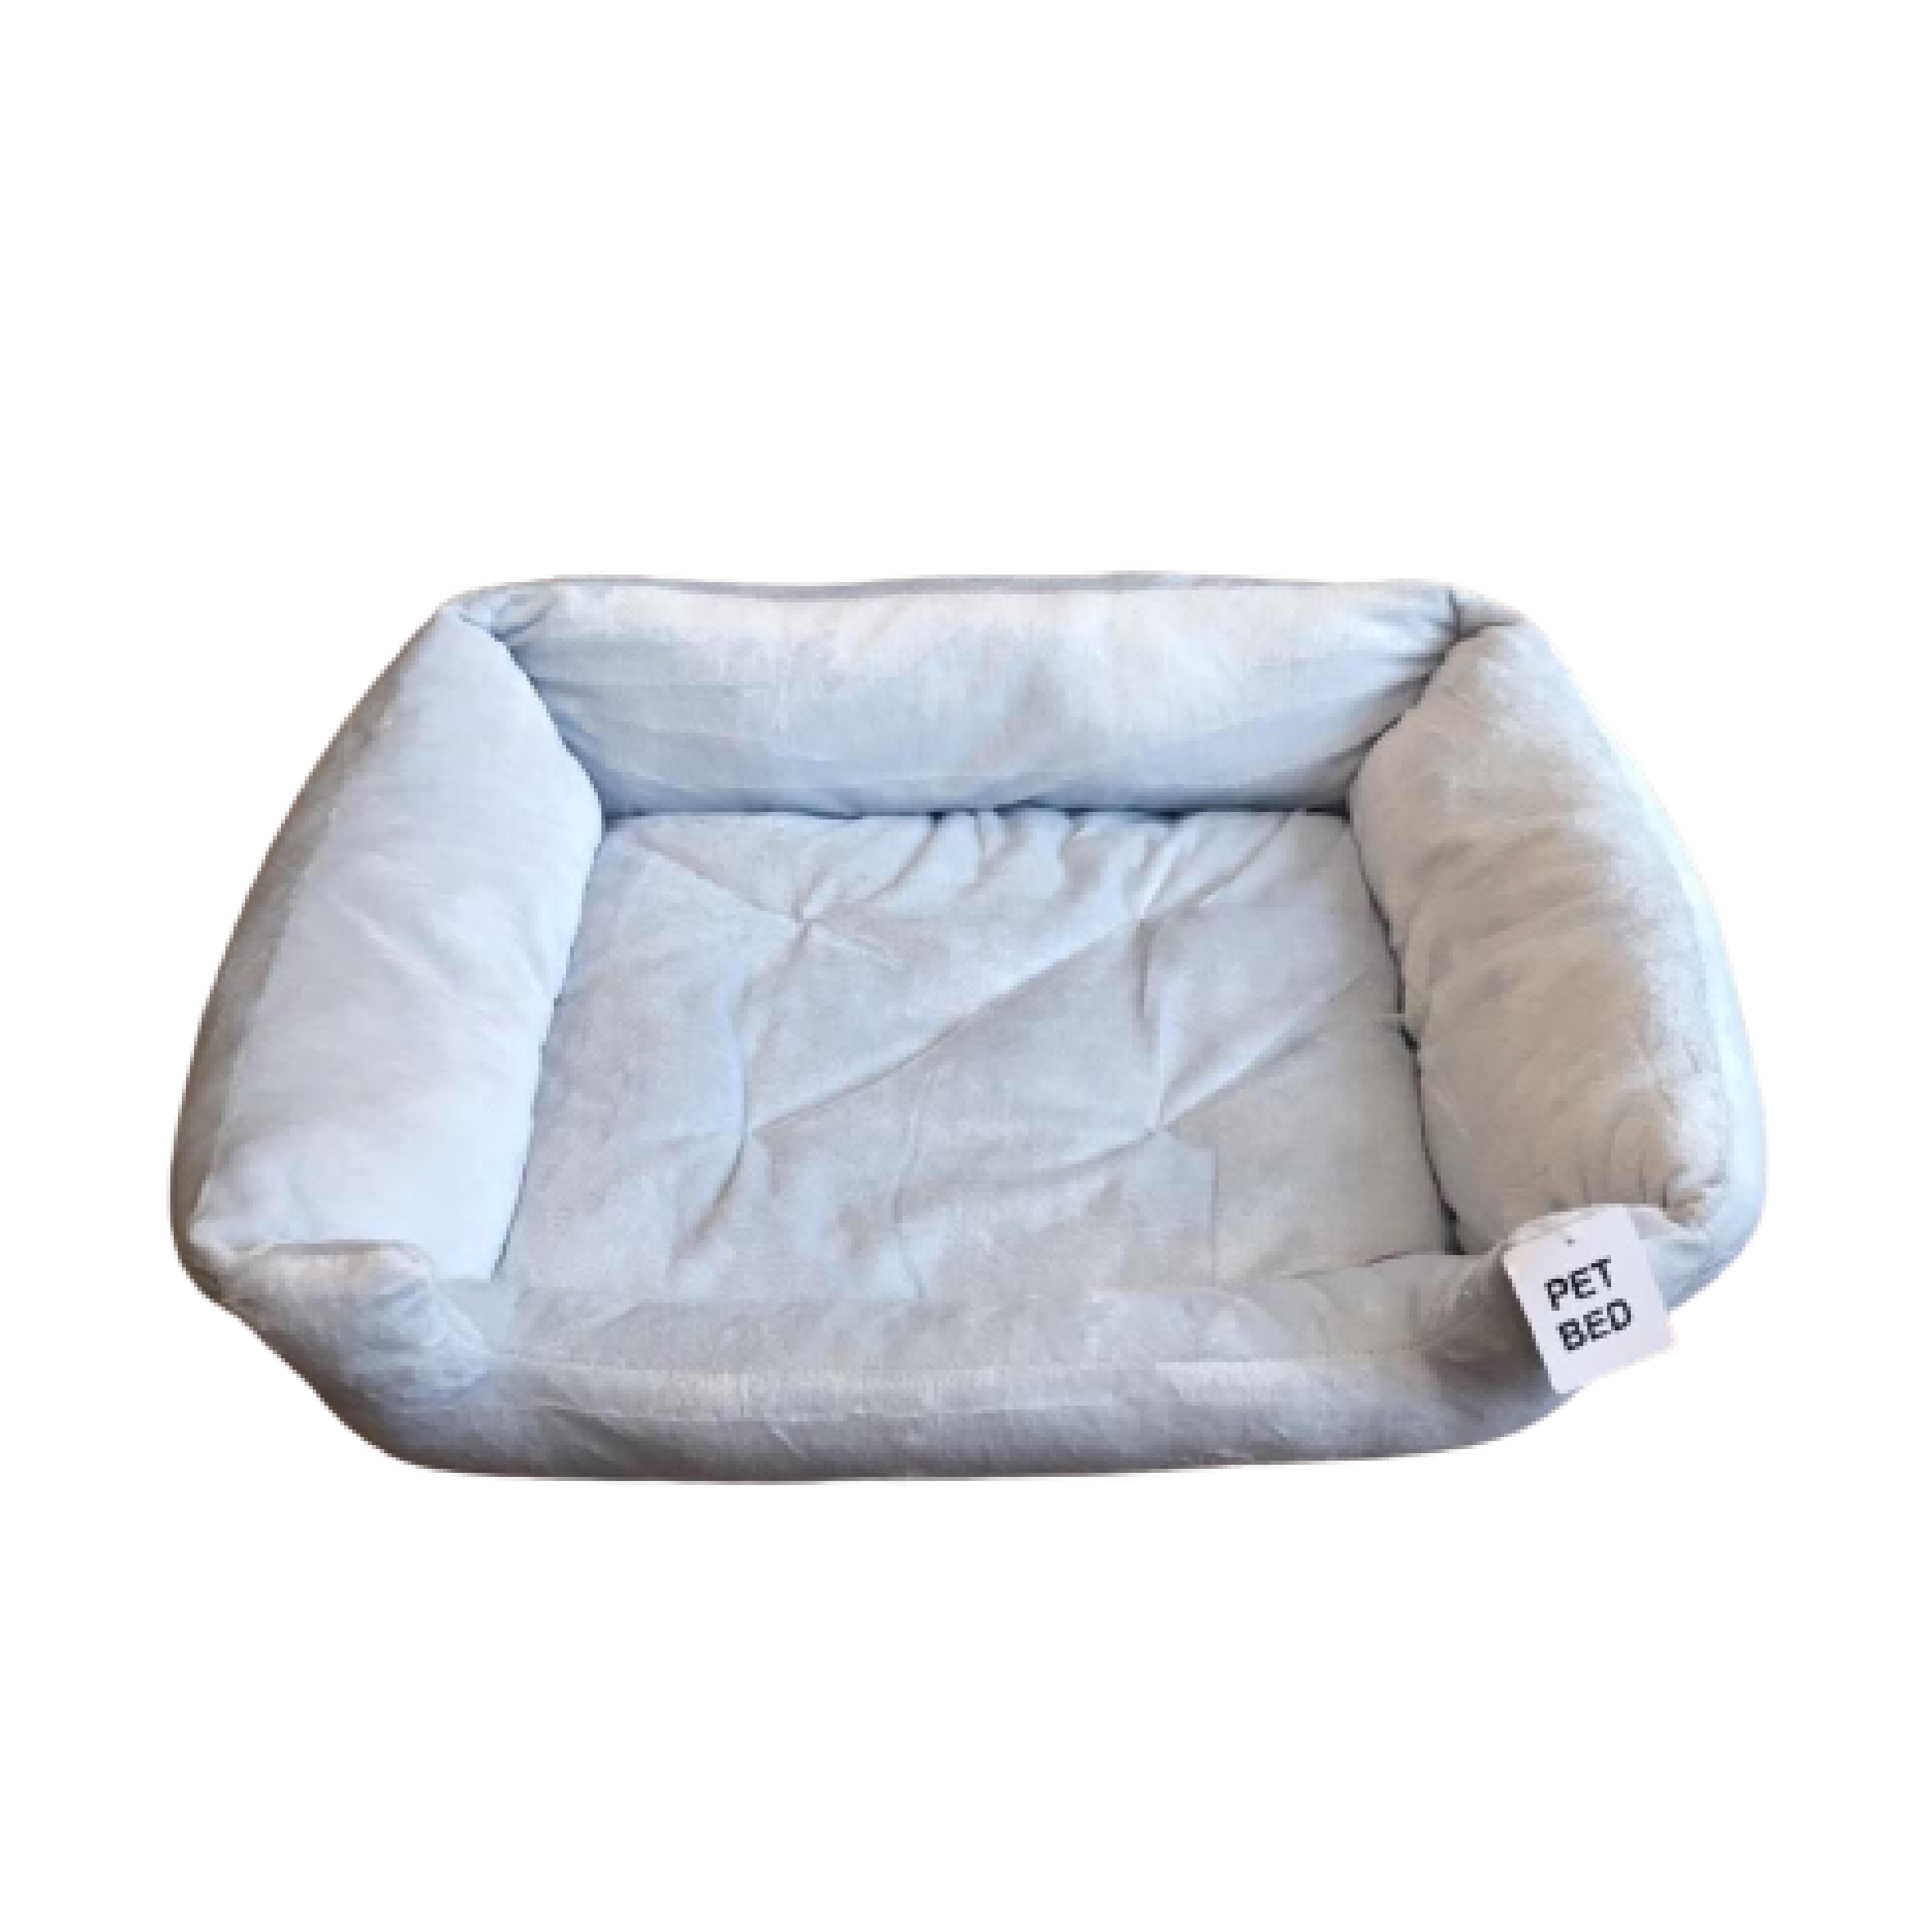 Ổ đệm vuông cao cấp cho chó mèo Pet Bed